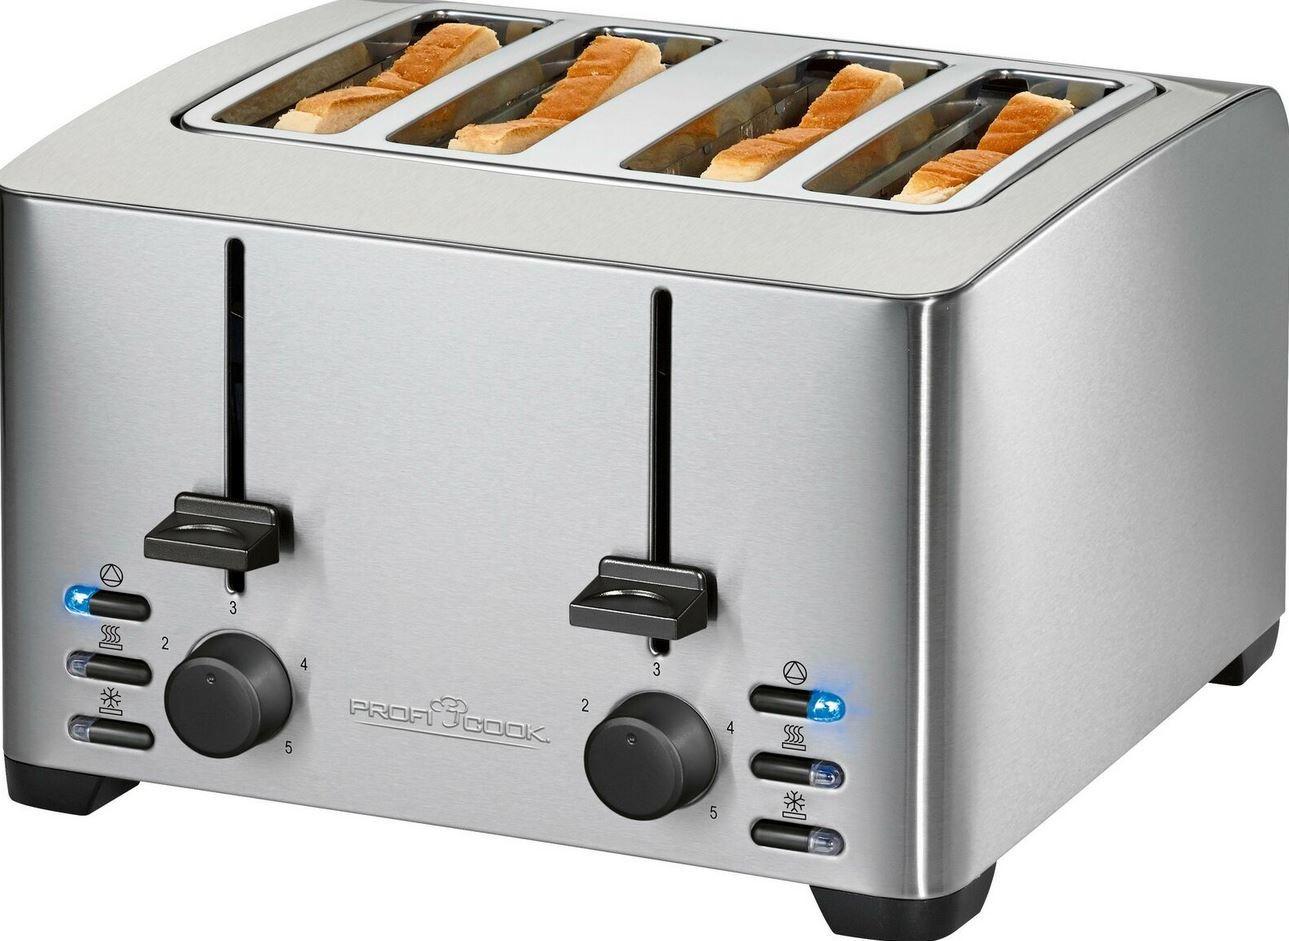 ProfiCook Toaster PC TA 1073 für 4 Scheiben 1.500 Watt für 32,79€ (statt 41€)